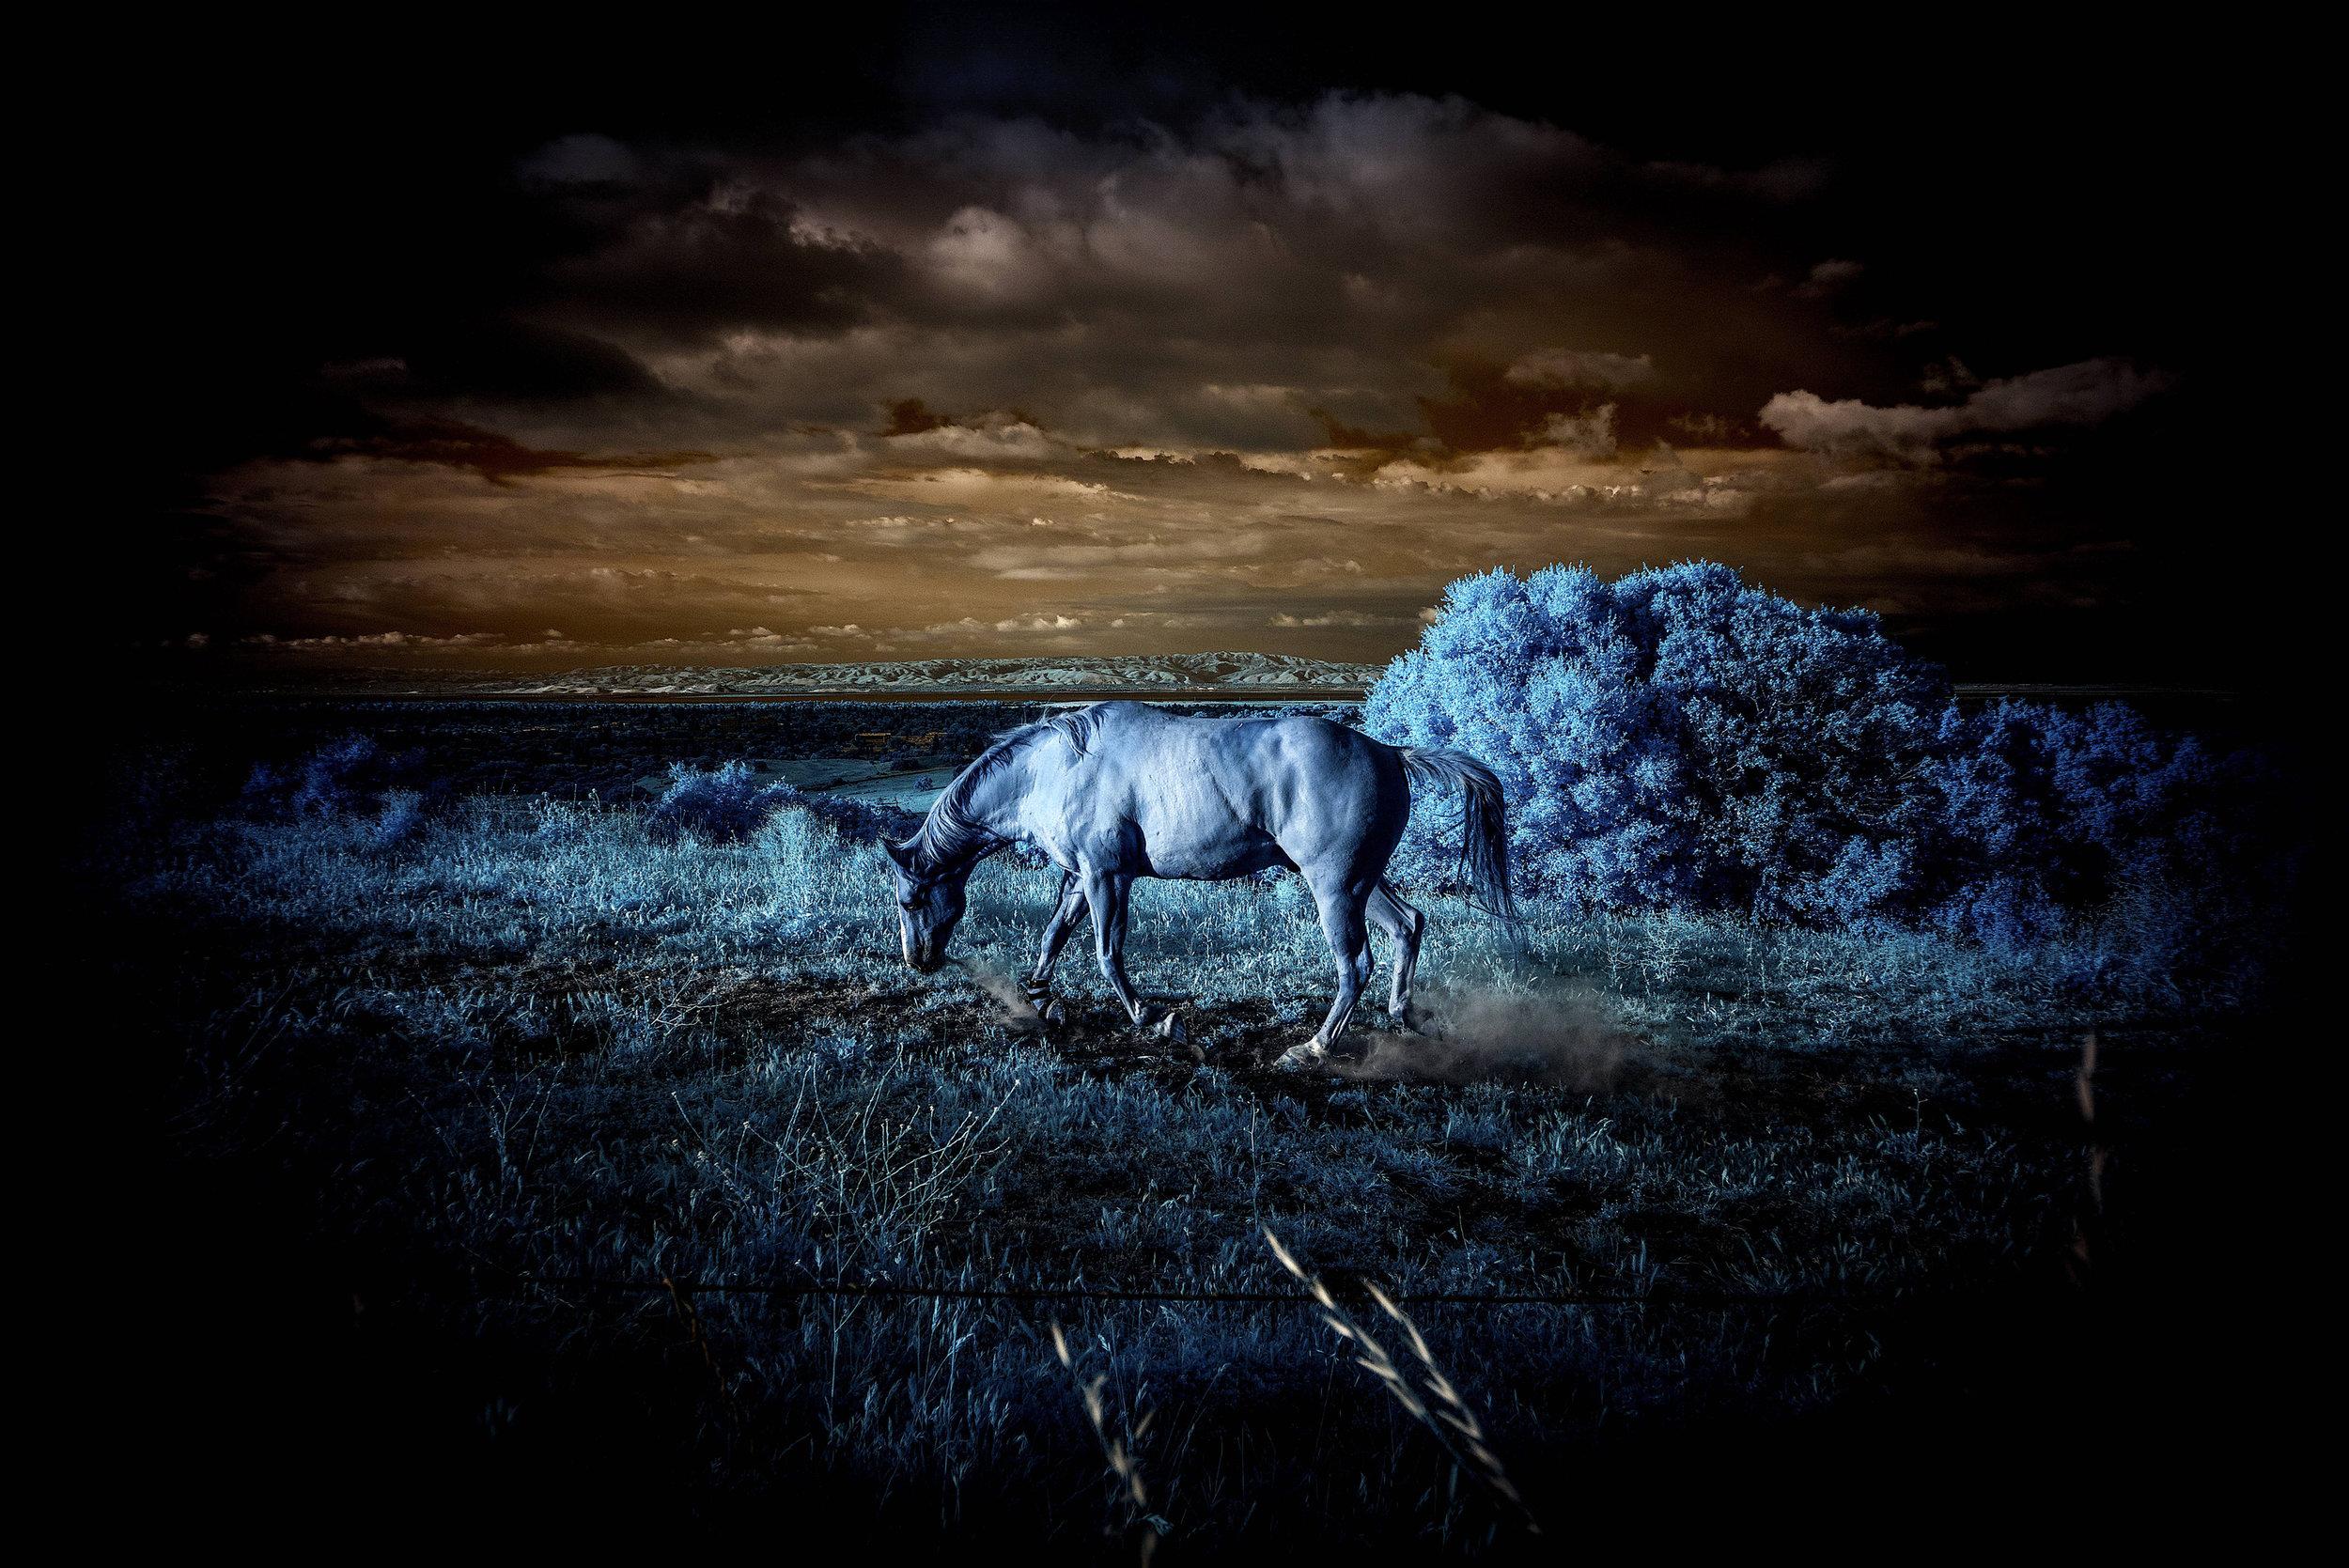 Copy of 3rd Prize - A Dark Horse - Robert Zucker 29x35